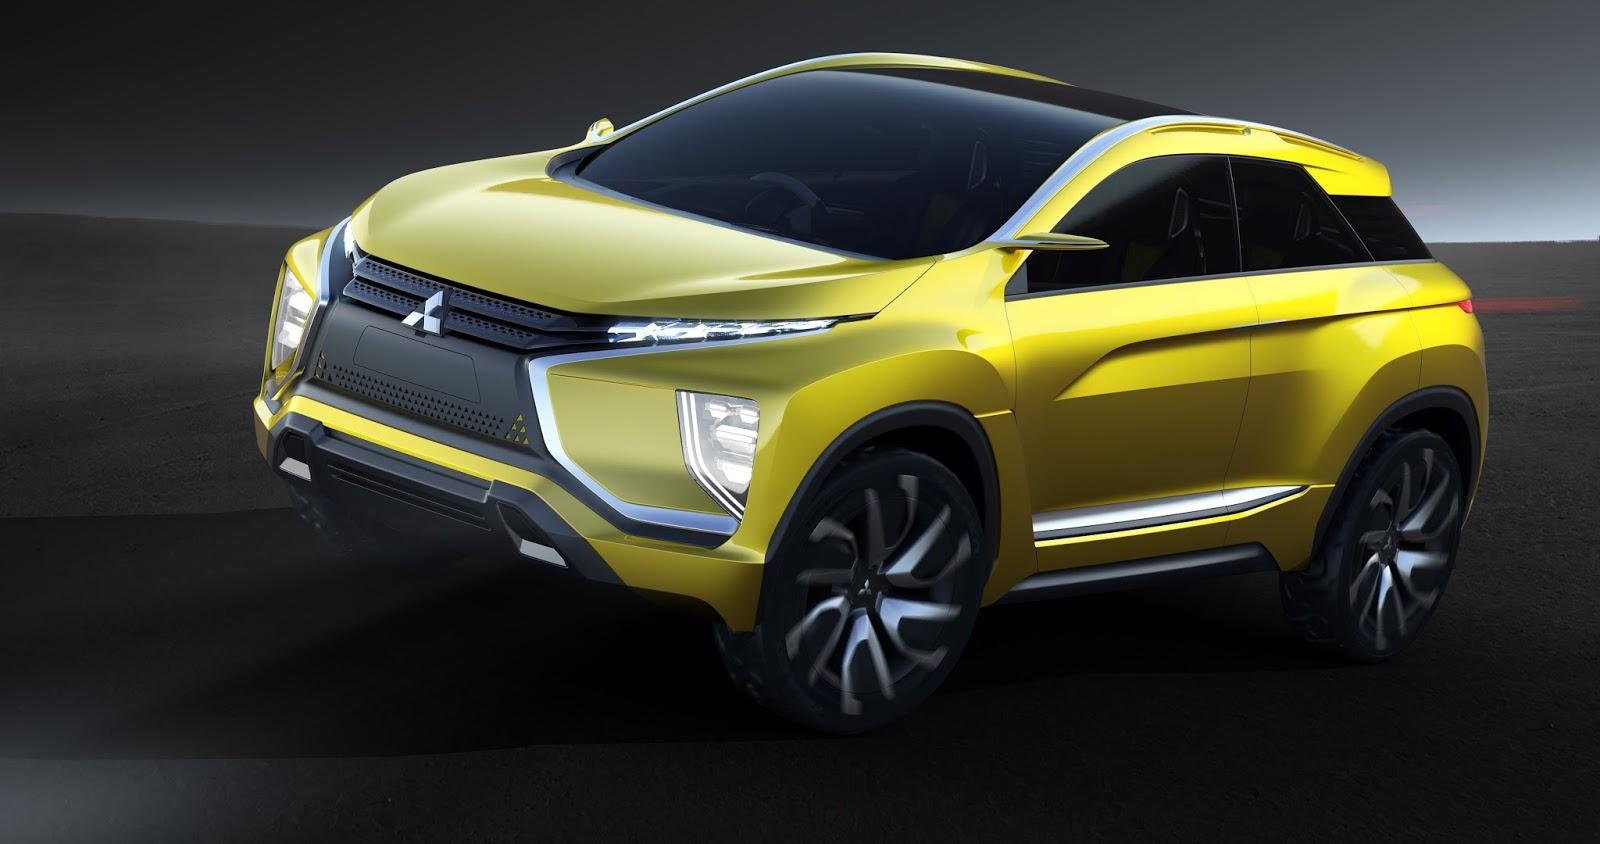 H Mitsubishi Motors στην Έκθεση Αυτοκινήτου της Γενεύης 2016